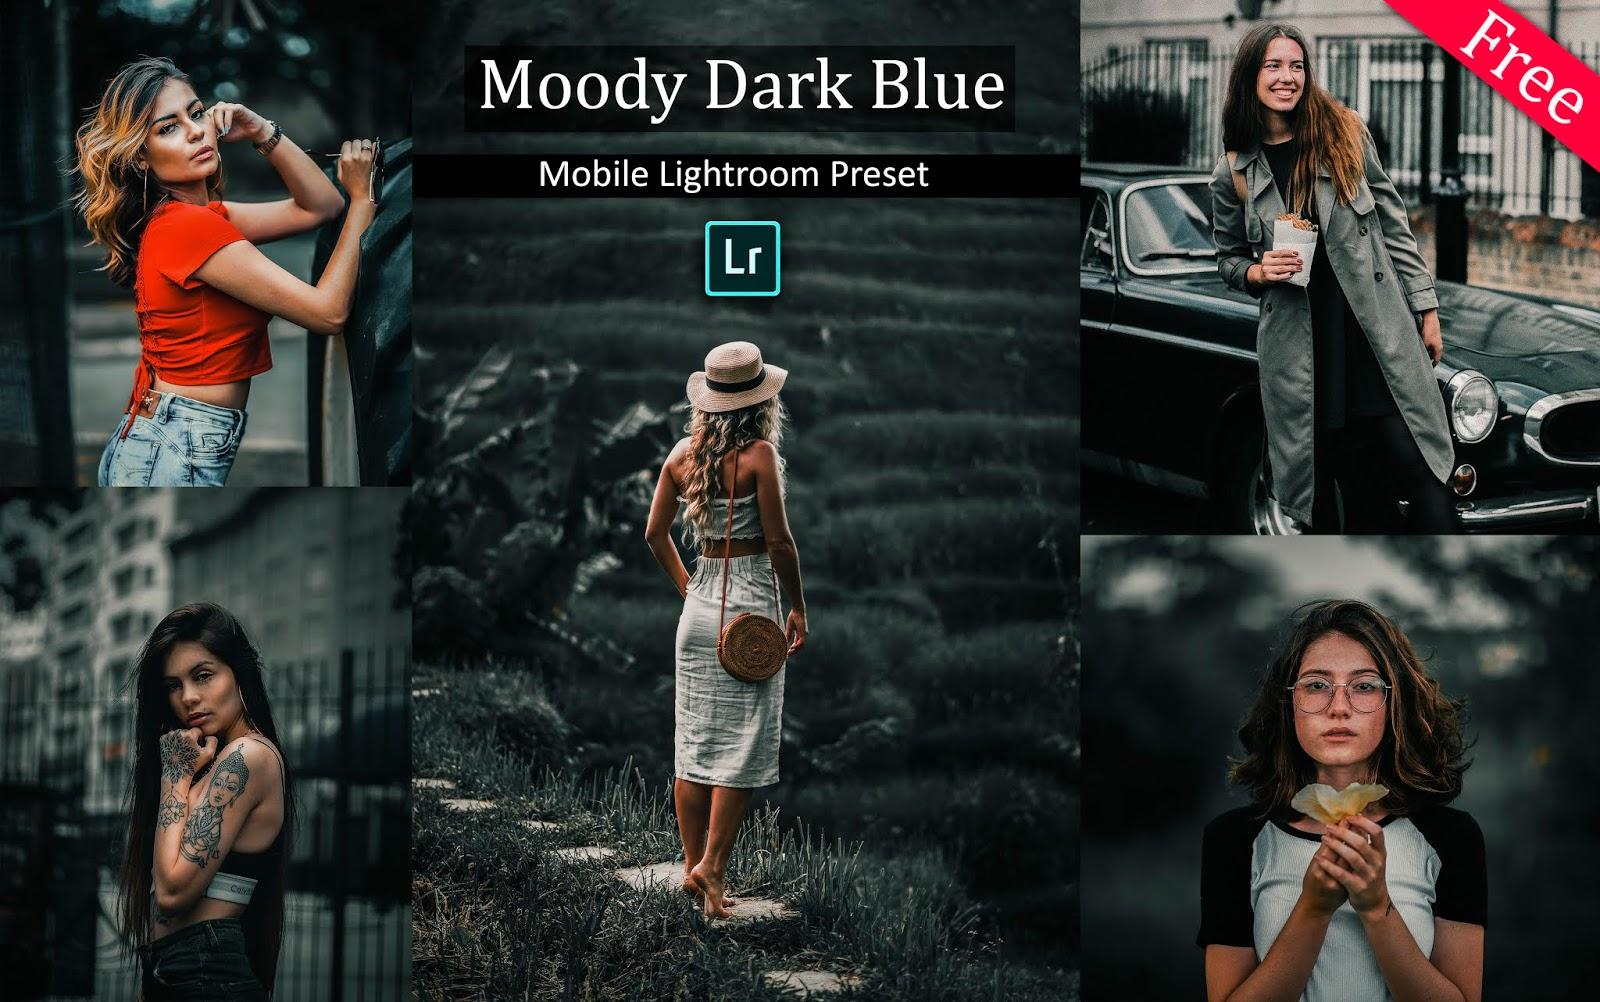 Download Moody Dark Blue Mobile Lightroom Presets for Free | How to Edit Dark Blue Tones in Mobile Lightroom